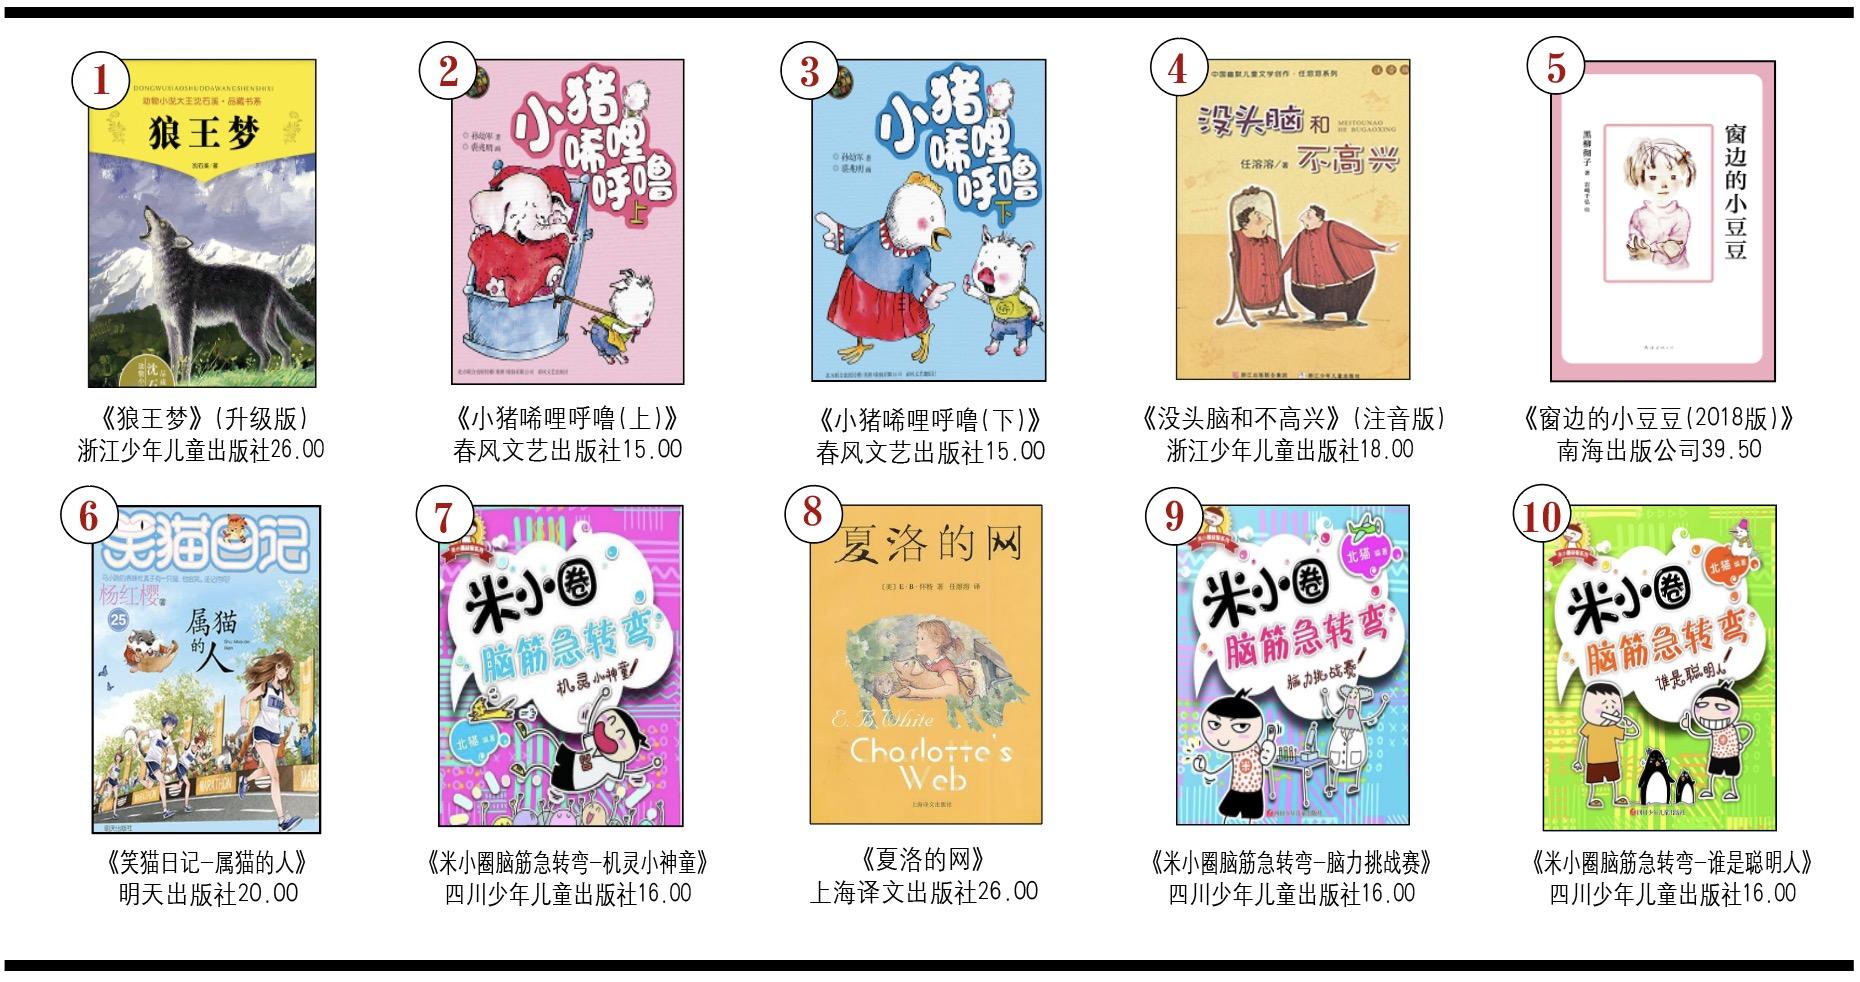 开卷少儿畅销书排行榜(2019年3月)-出版人杂志官网